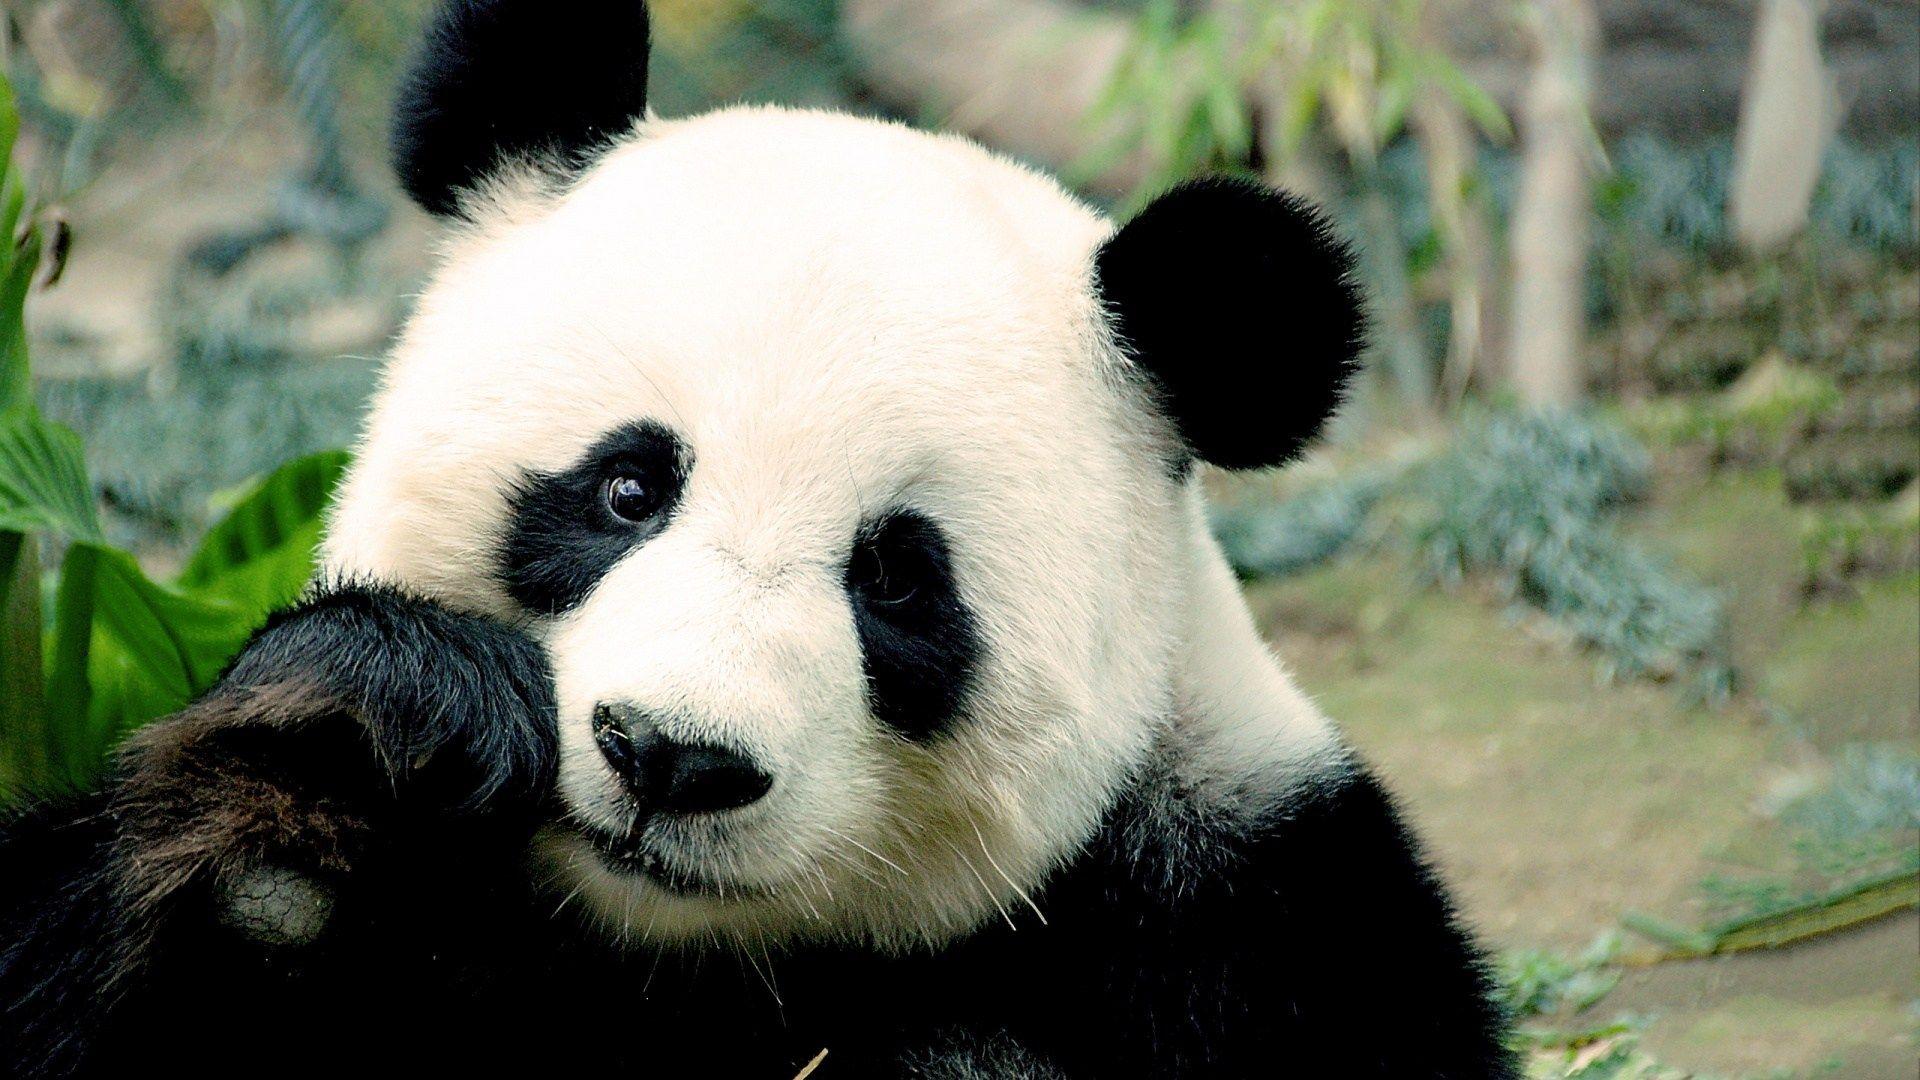 Cute Panda Wallpaper Hd Panda Bear Panda Bear Art Panda